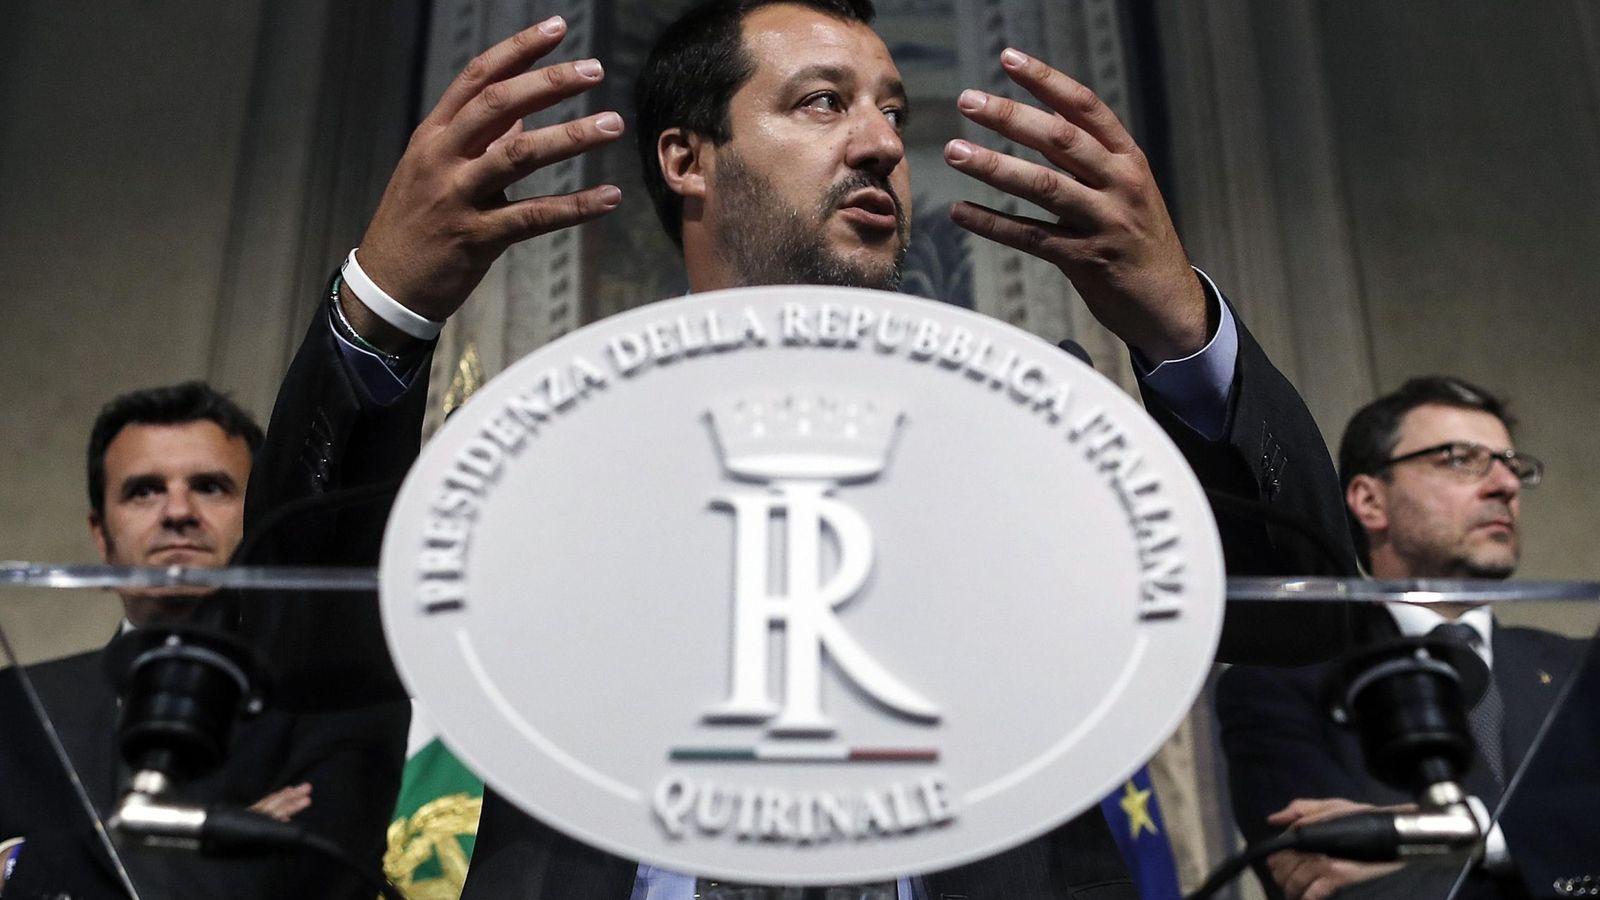 Foto: El líder de la Liga Norte, Matteo Salvini, habla durante una rueda de prensa tras su reunión con el presidente italiano, Sergio Mattarella. (EFE)